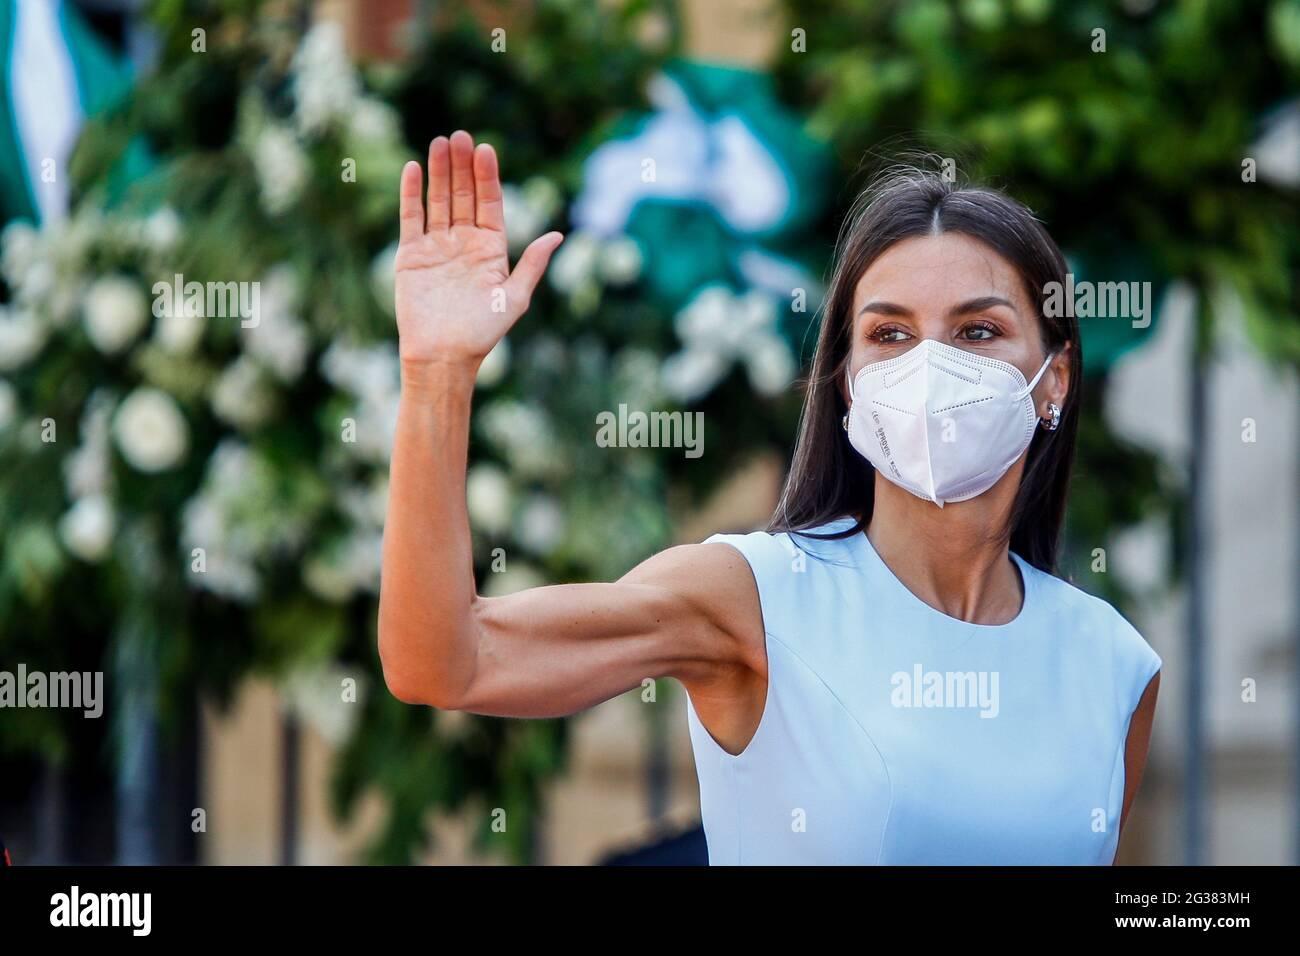 Séville, Espagne. 14 juin 2021. **NO ESPAGNE** Reine Letizia d'Espagne à la remise de la médaille d'honneur andalouse au palais San Telmo de Séville, Espagne, le 14 juin 2021. Crédit : Jimmy Olsen/Media Punch/Alay Live News Banque D'Images